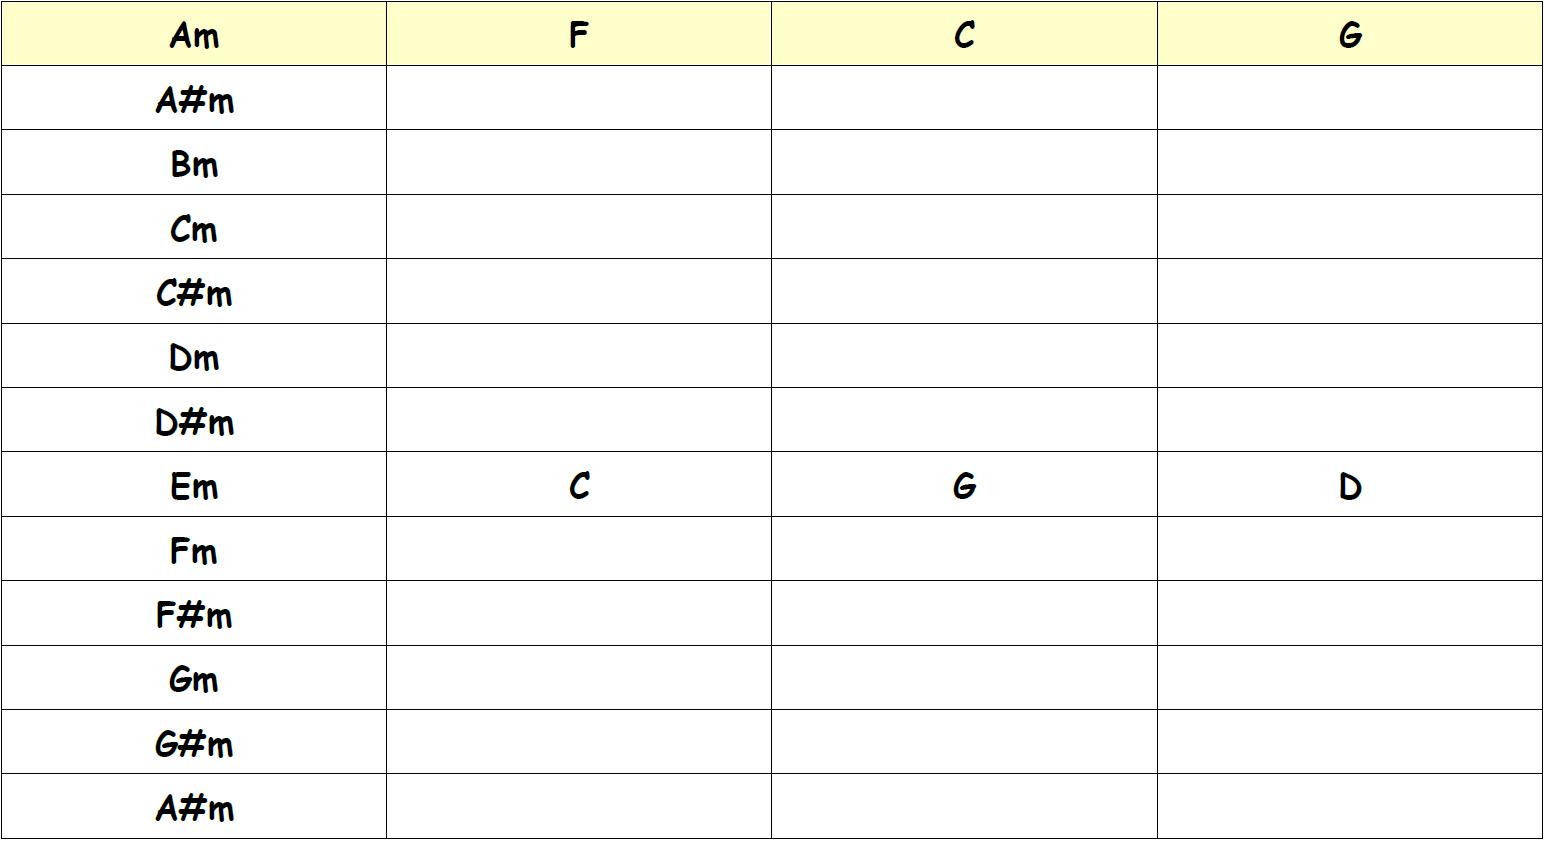 Exercice de transposition d'une grille d'accords